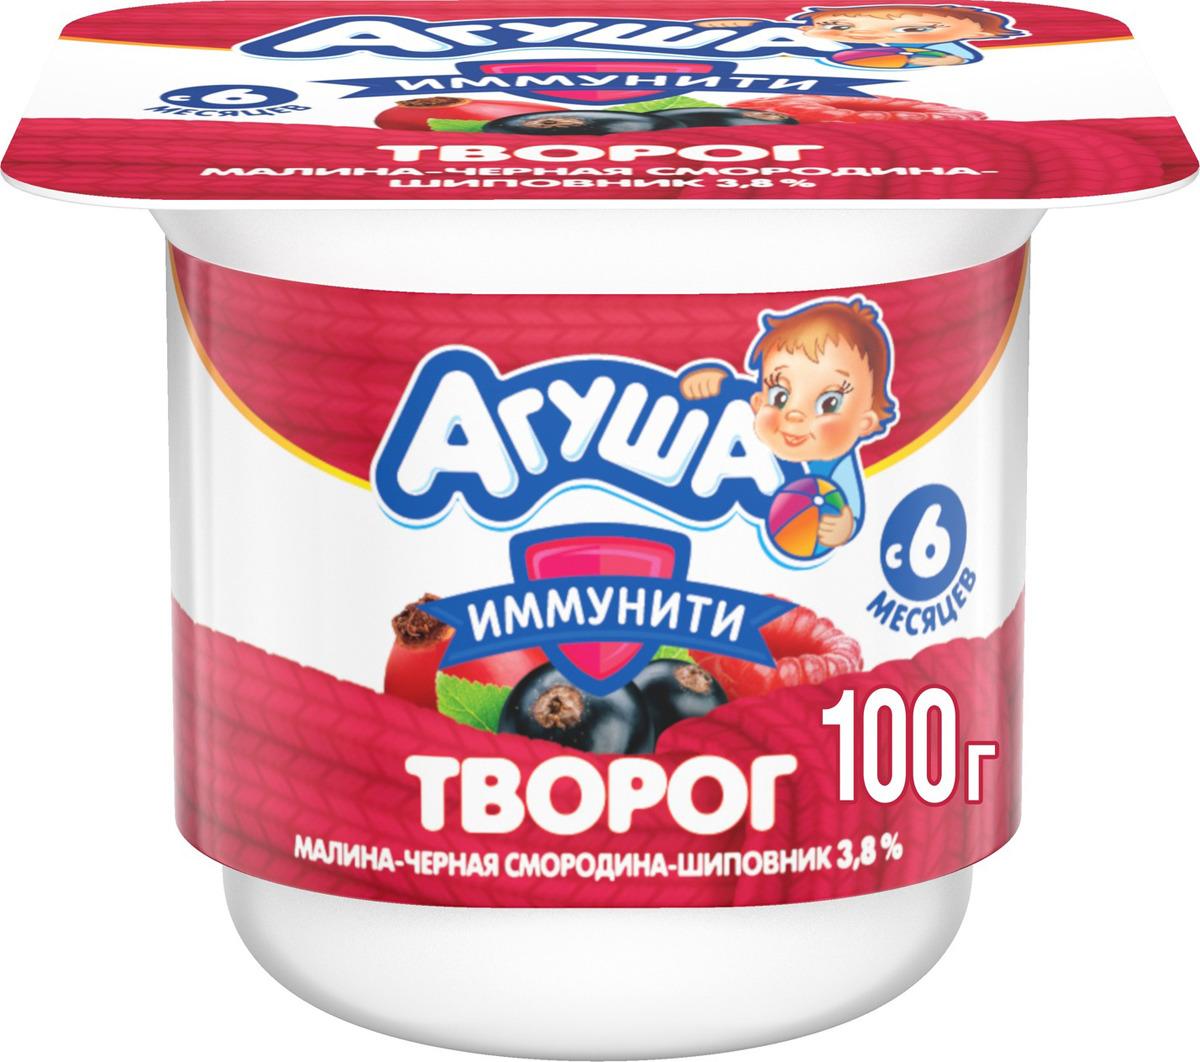 Творог Агуша Малина Черная смородина Шиповник, фруктовый 3,8%, с 6 месяцев, 100 г